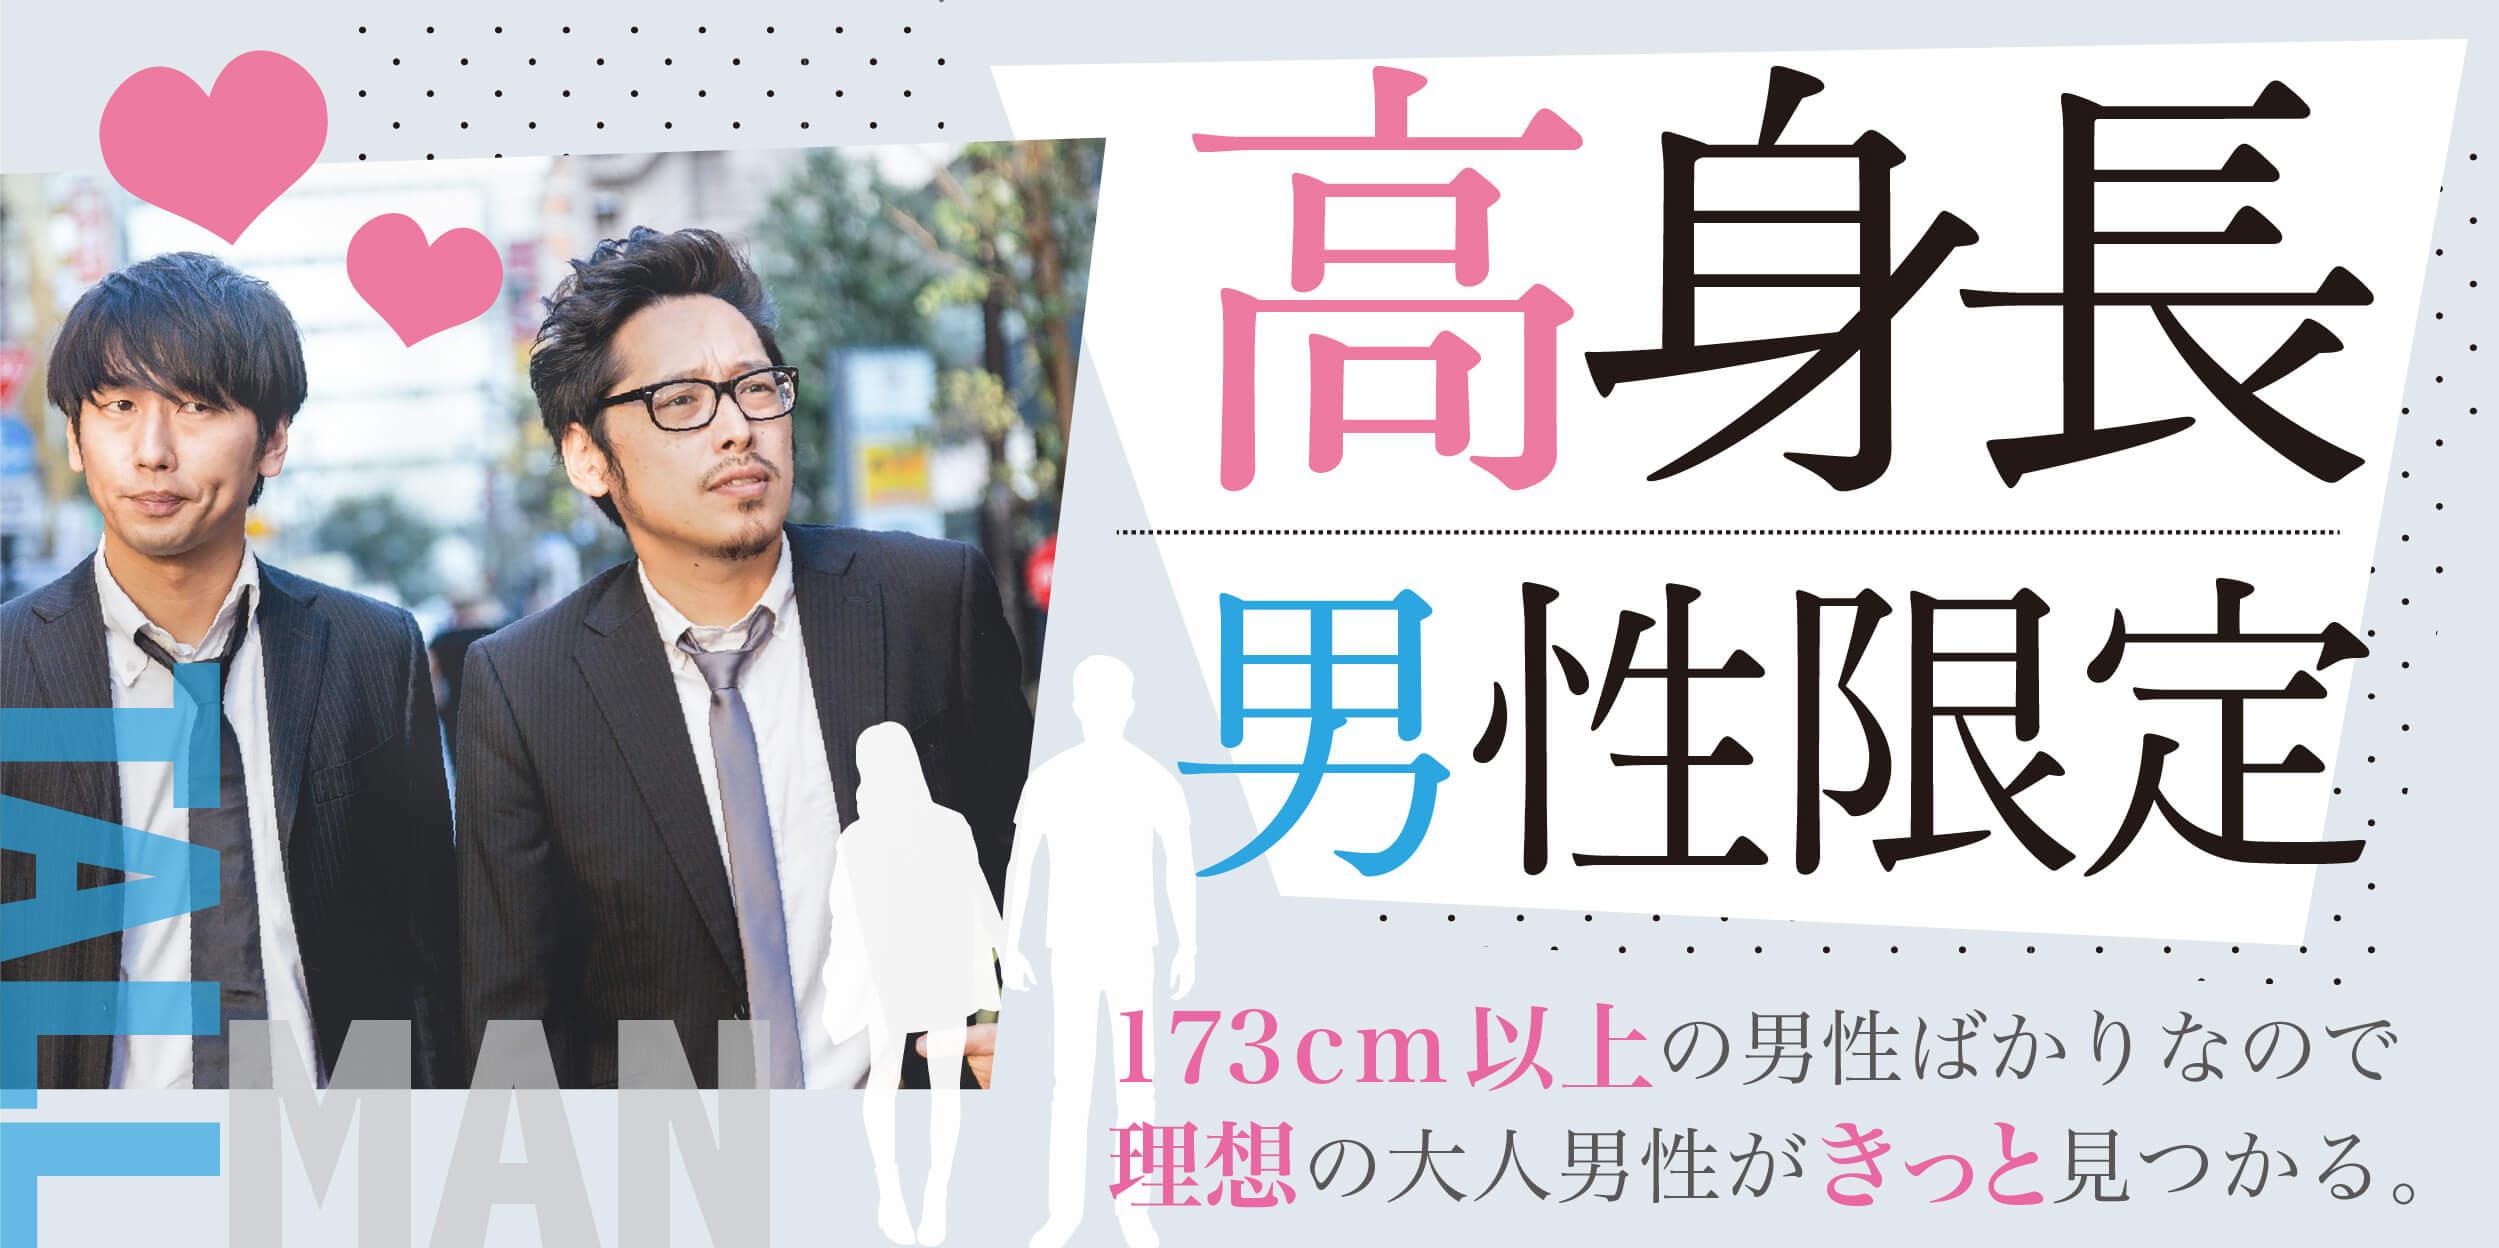 【岡山駅周辺のプチ街コン】合同会社ツイン主催 2016年12月25日